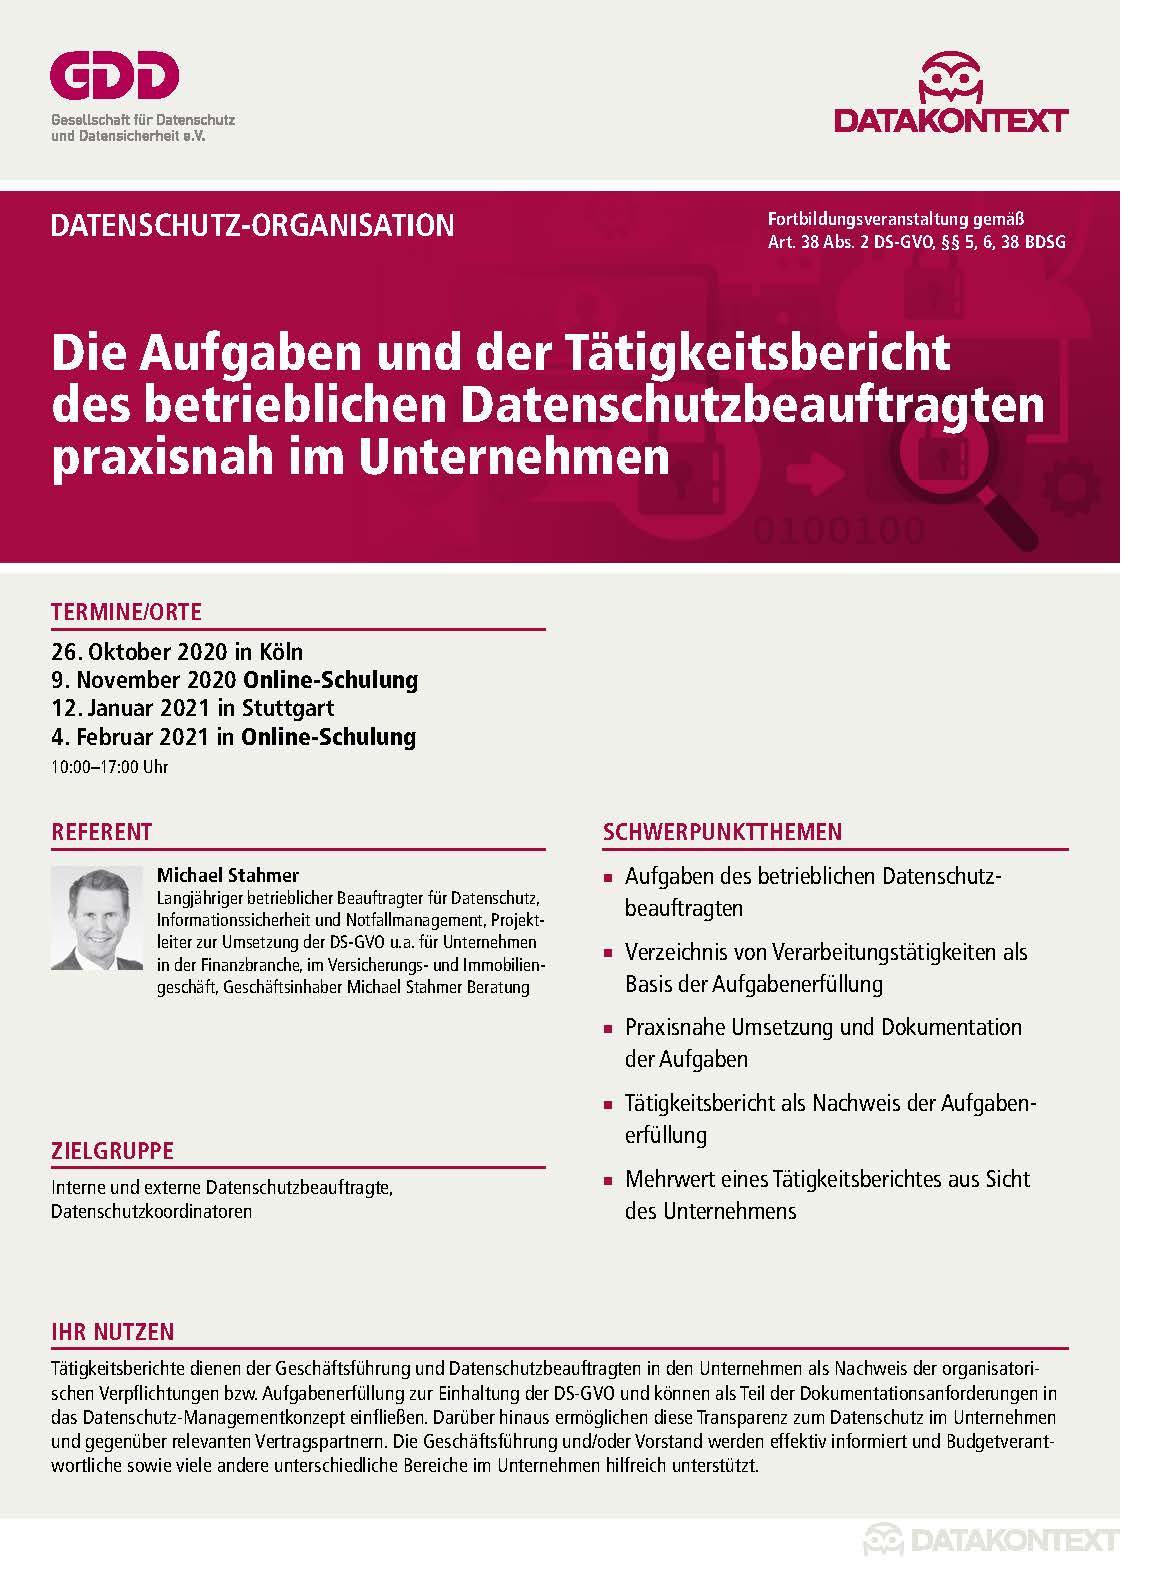 Tätigkeitsbericht des betrieblichen Datenschutzbeauftragten